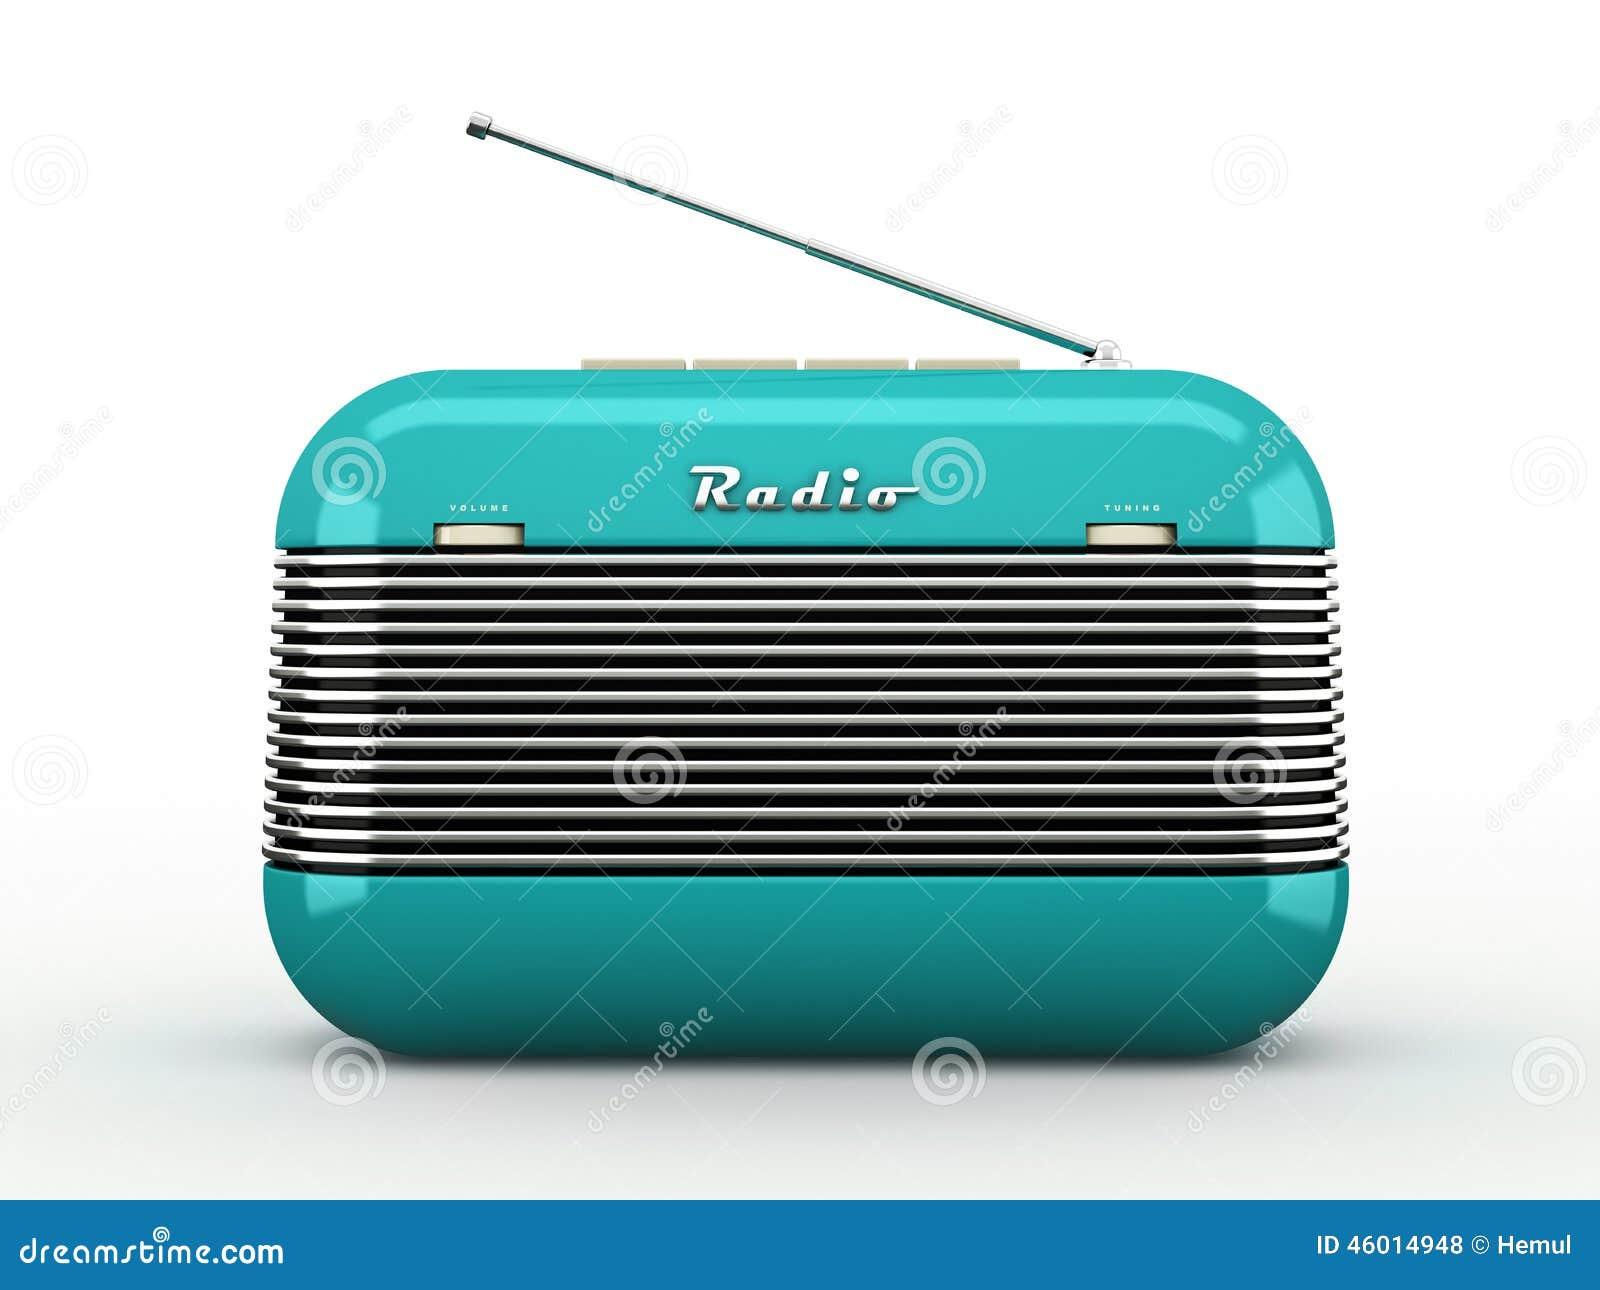 Old Blue Vintage Retro Style Radio Receiver On White Ba ...